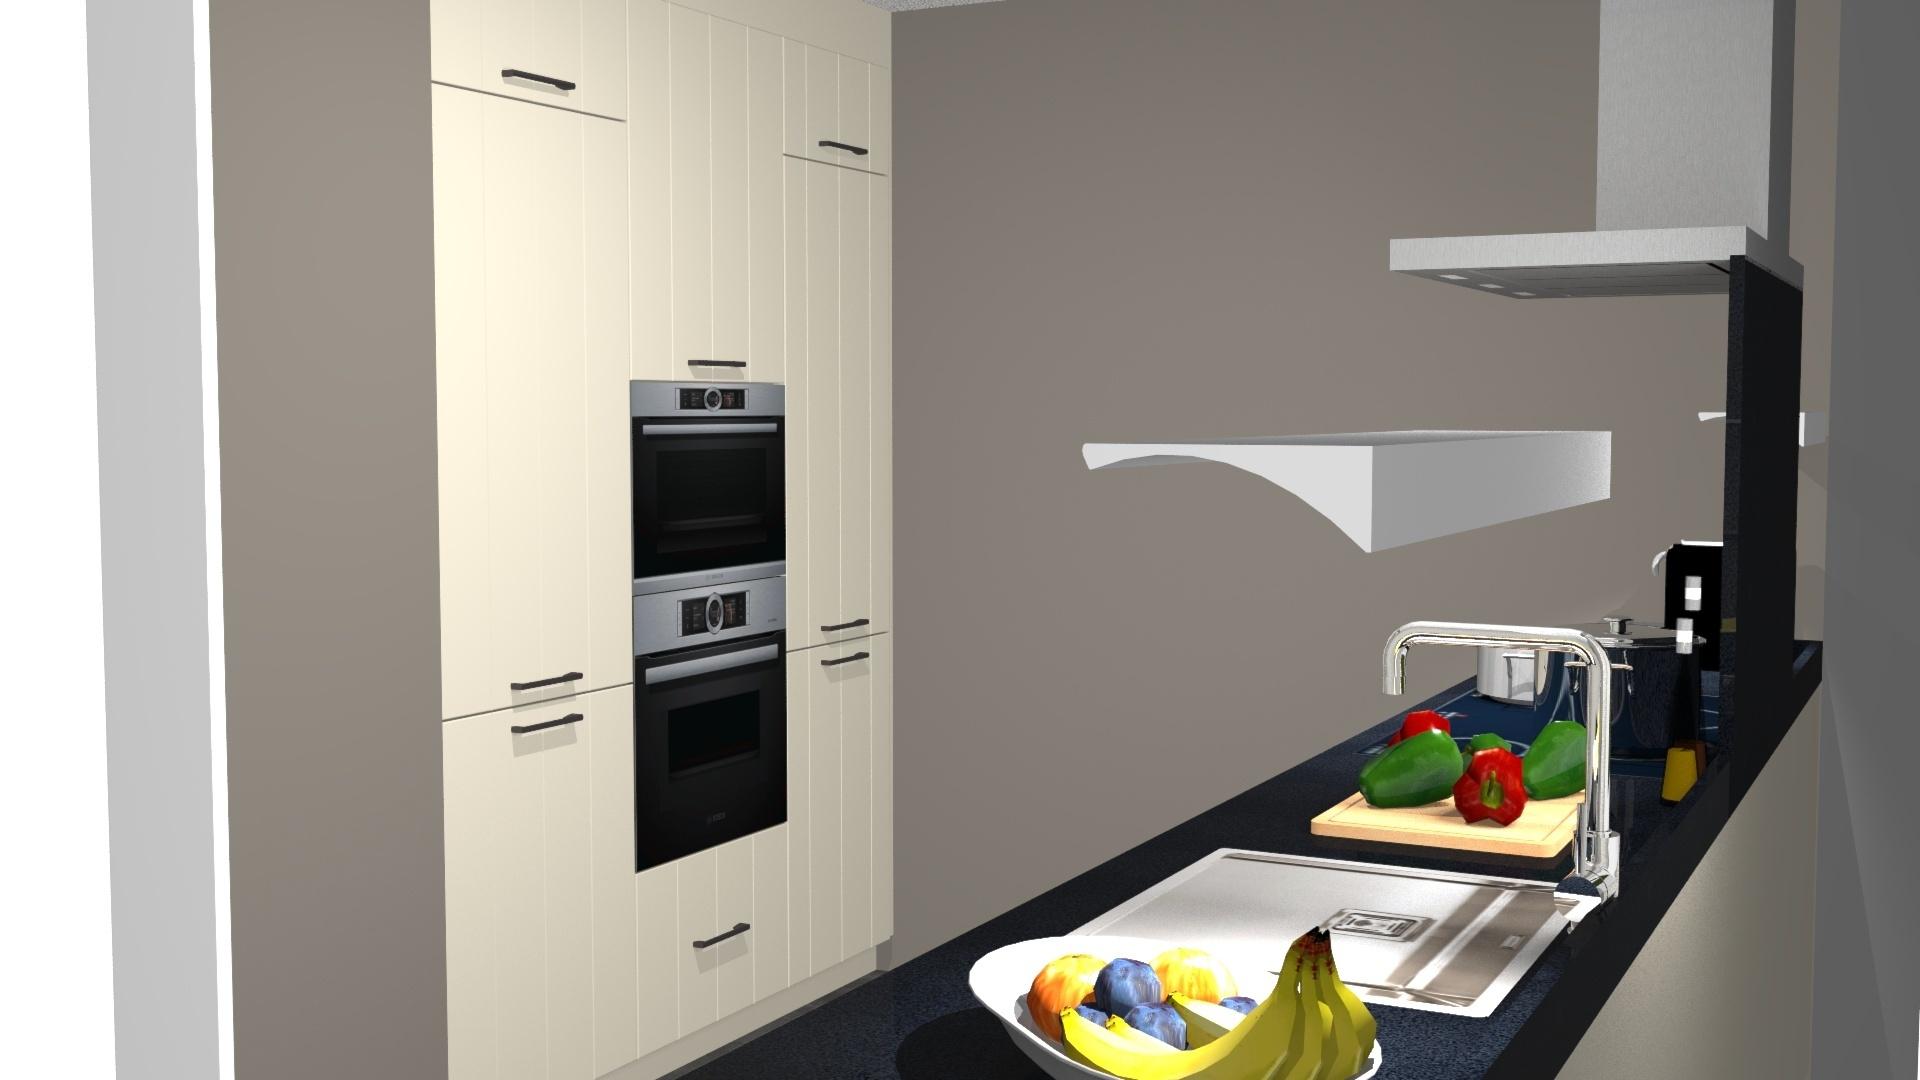 Grote Keukenkast : Het Grote Keuken topic: verkopers, kwaliteit, prijs – Deel 3 – Wonen